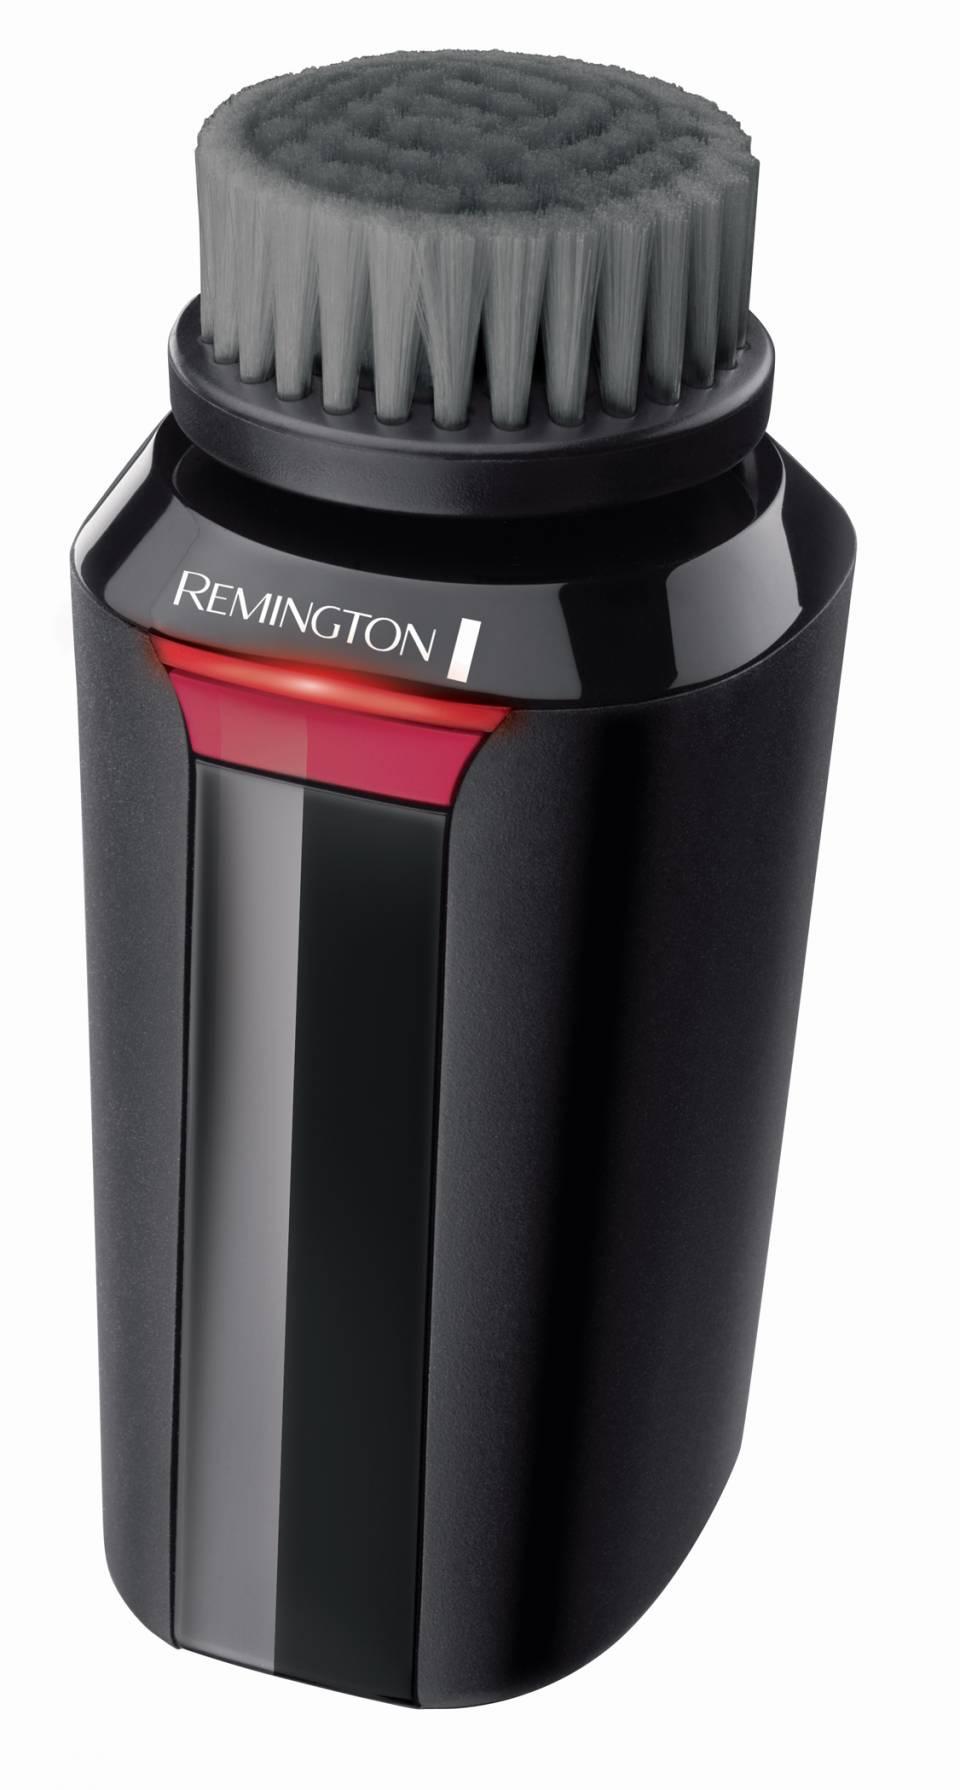 Remington Gesichtsreinigungsbürste Recharge FC 1500 mit Dual-Action-Technologie.